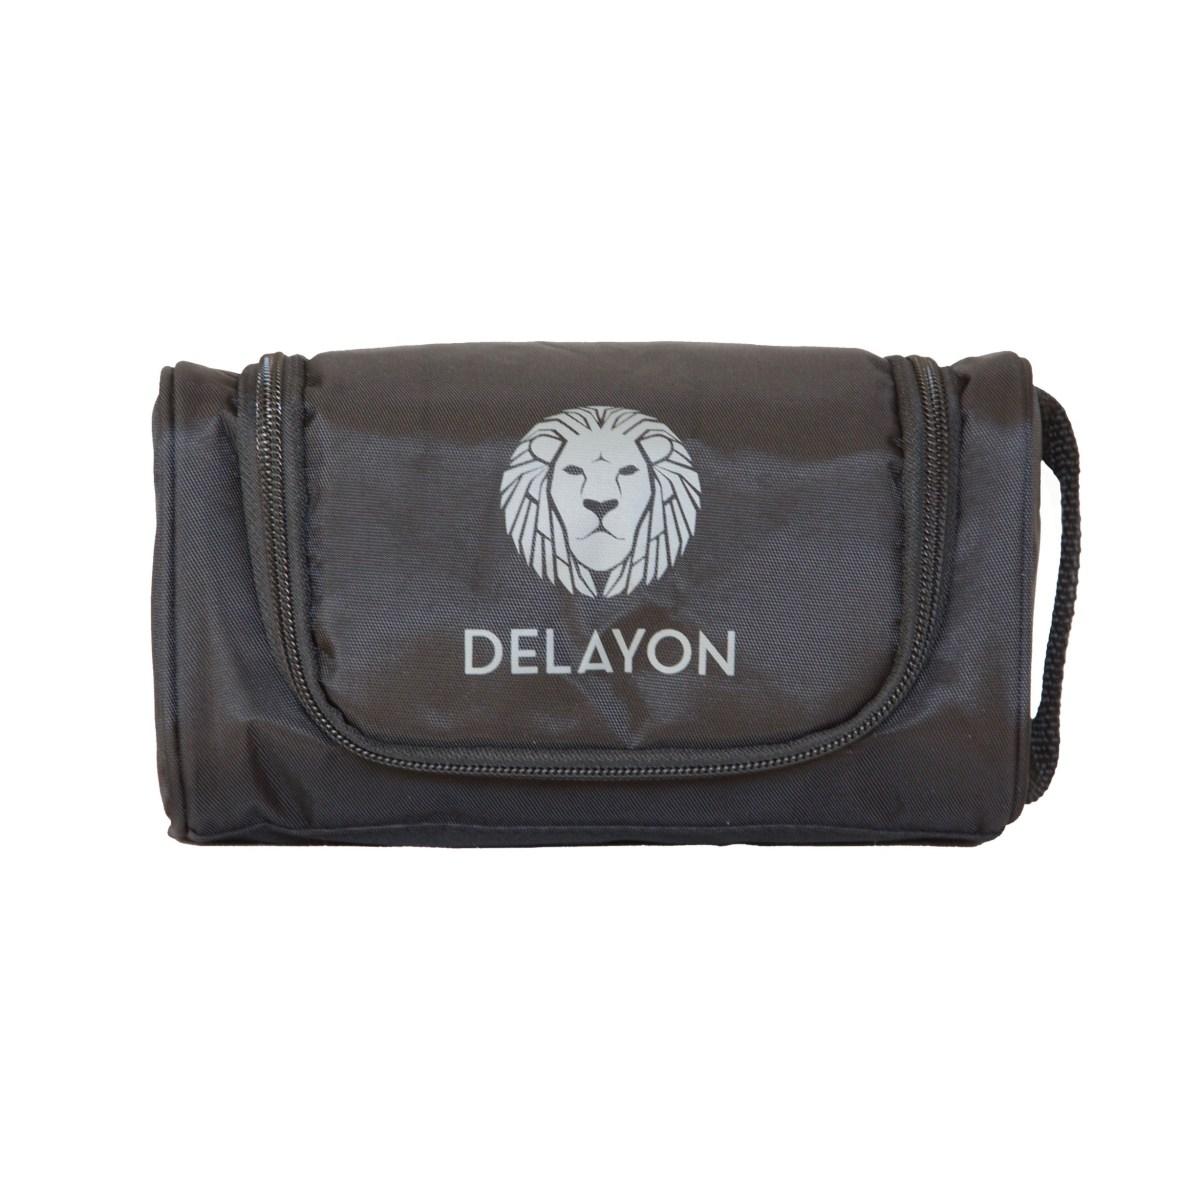 DELAYON Eyewear Shelter Goggle Case